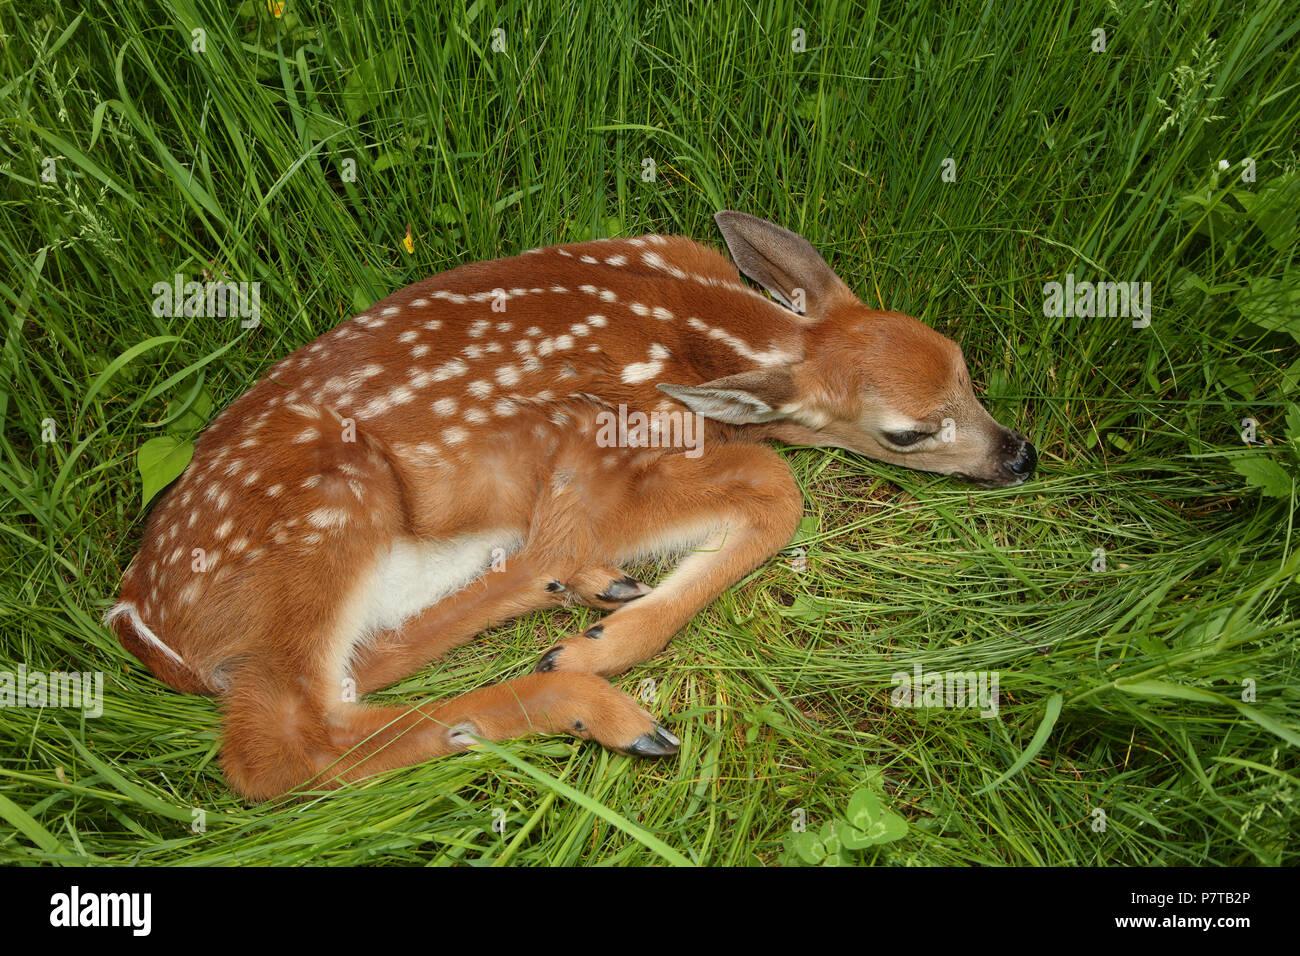 white-tailed deer (Odocoileus virginianus), New York, fawn Stock Photo